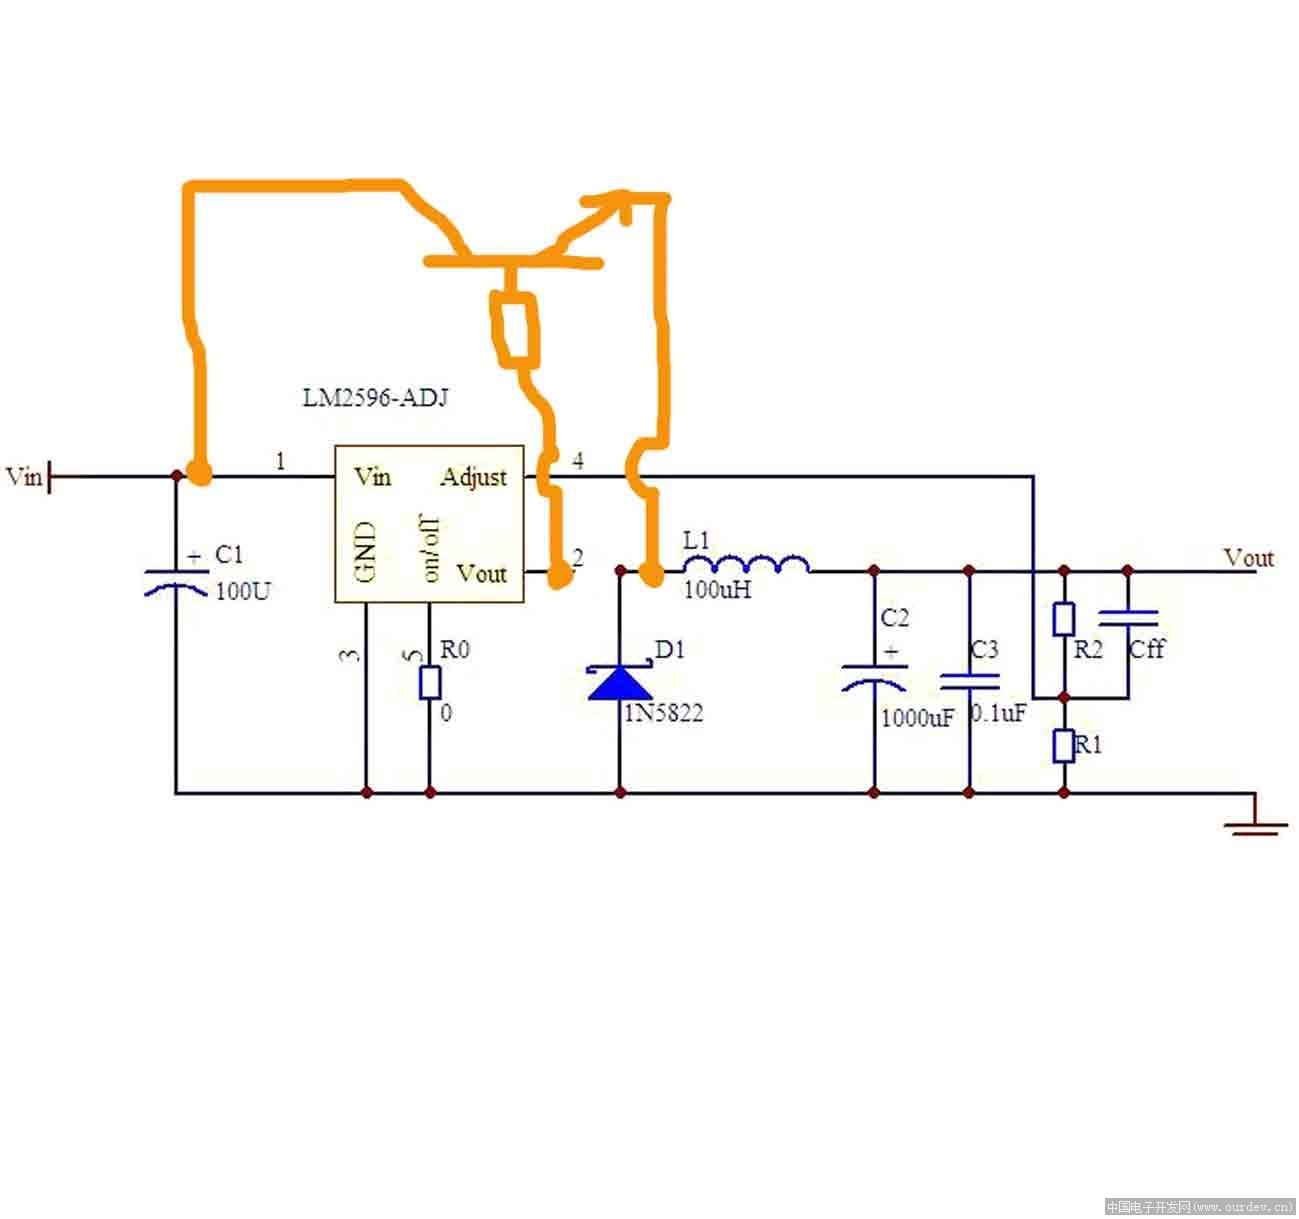 2596的射极输出方式并不合适于直接加管扩流,如果要扩流,34063会灵活很多,因为它可以提供不同的输出方式。 如果一个S极输出NMOS导通,G极需要一个比D极大10V左右的驱动电平,所以,2596+MOS管扩流的方案不现实。 2596的工作频率和输出电流比34063要高,但这个和可靠性并不相关,是否可靠还是看你的工作条件是否安全。